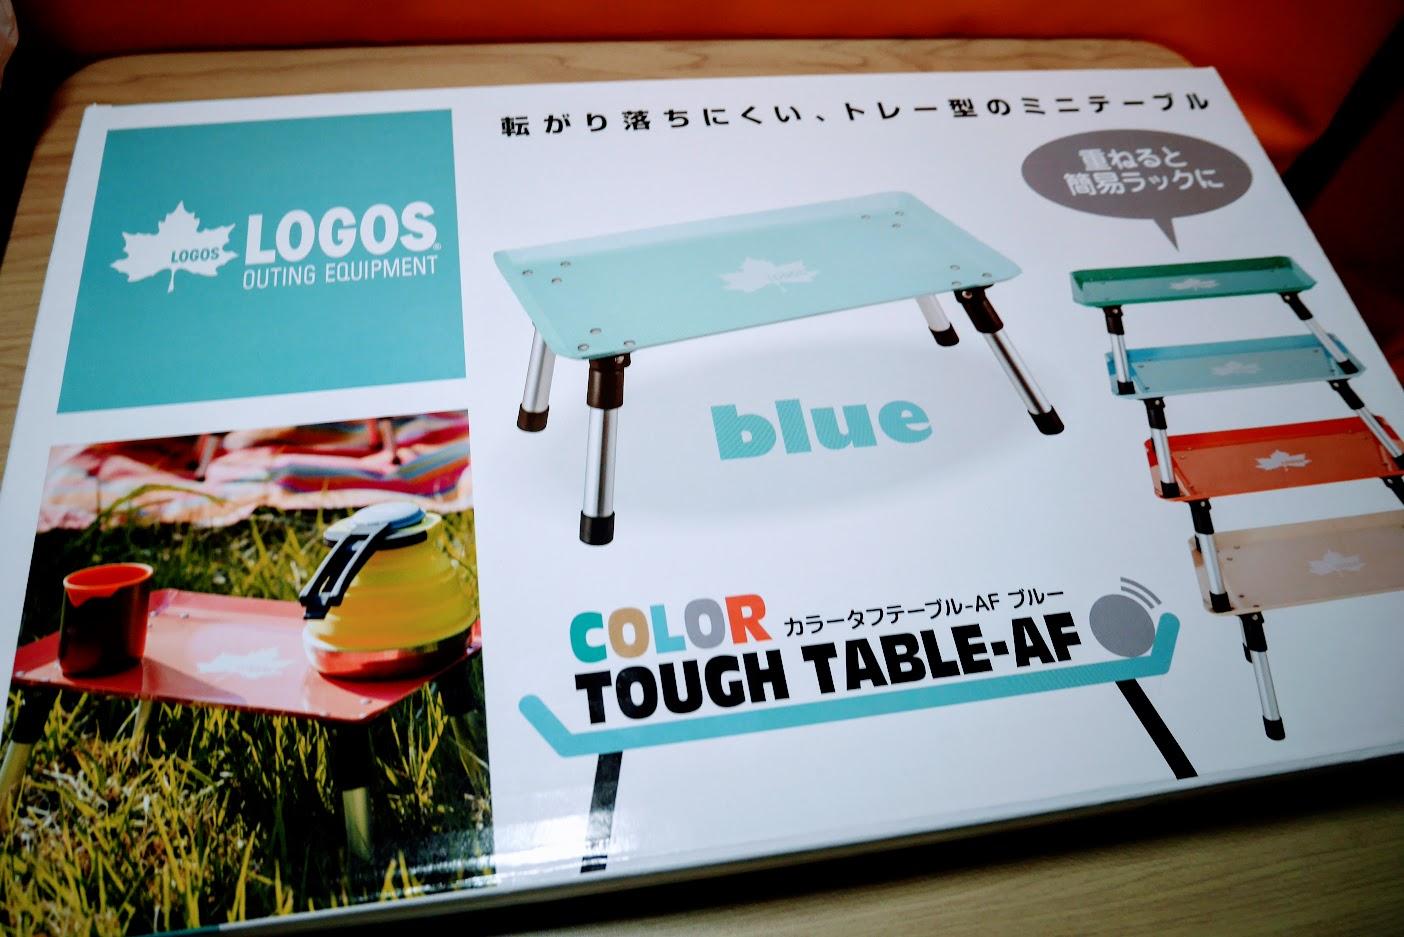 LOGOS ロゴス アウトドア テーブル カラータフテーブル-AF パッケージ